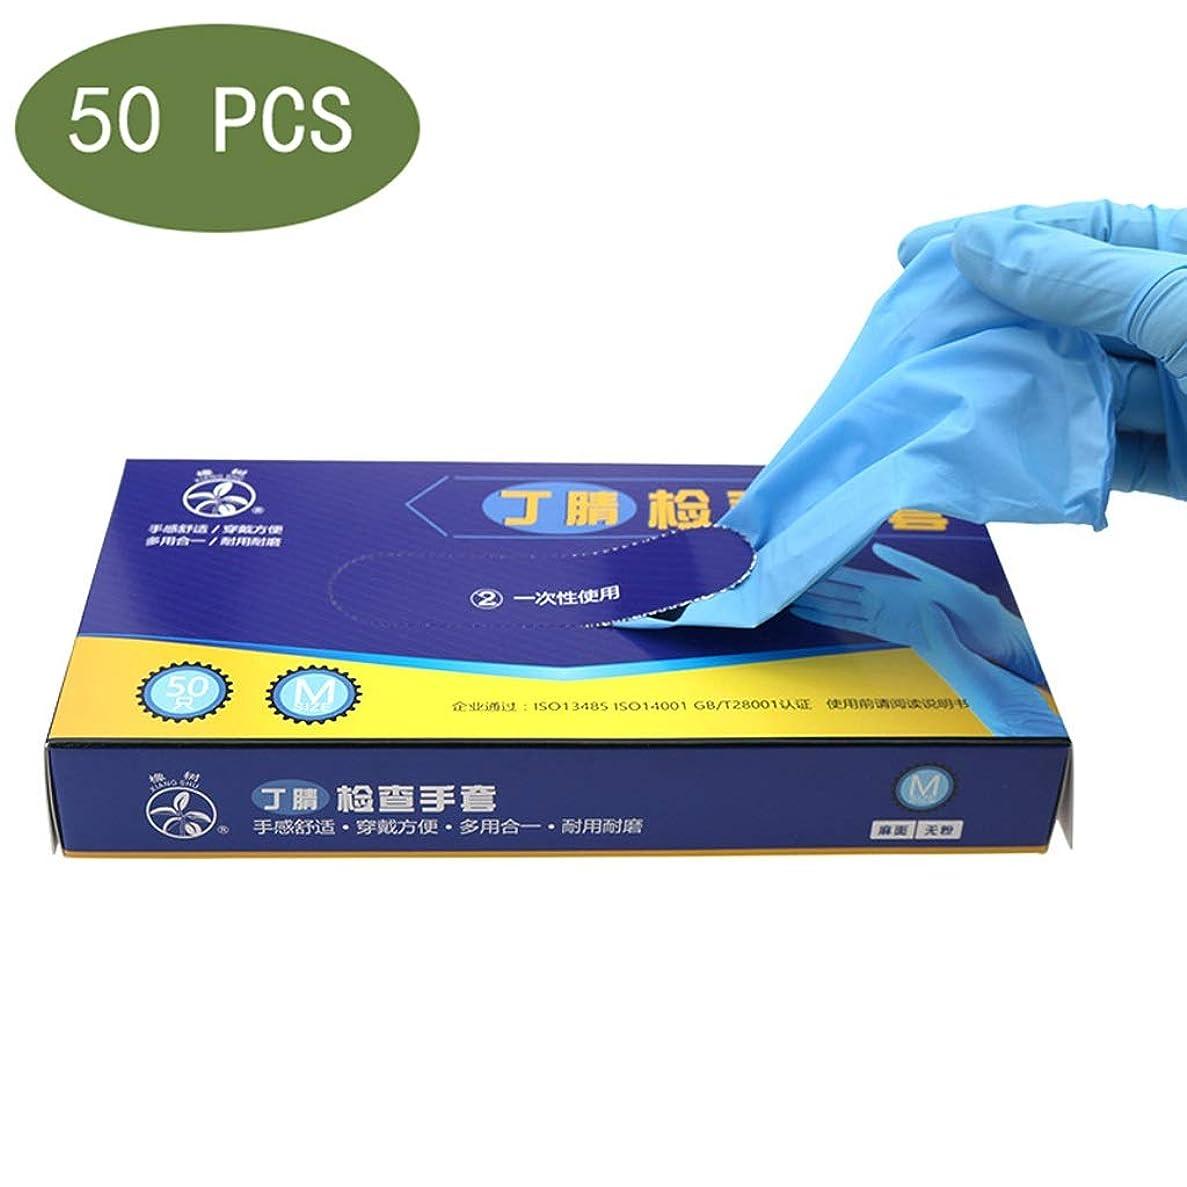 潮神経衰弱できない保護用使い捨てニトリル医療用手袋、4ミル、ラテックスフリー、試験グレードの手袋、テクスチャード加工、両性、非滅菌、50個入り (Size : S)